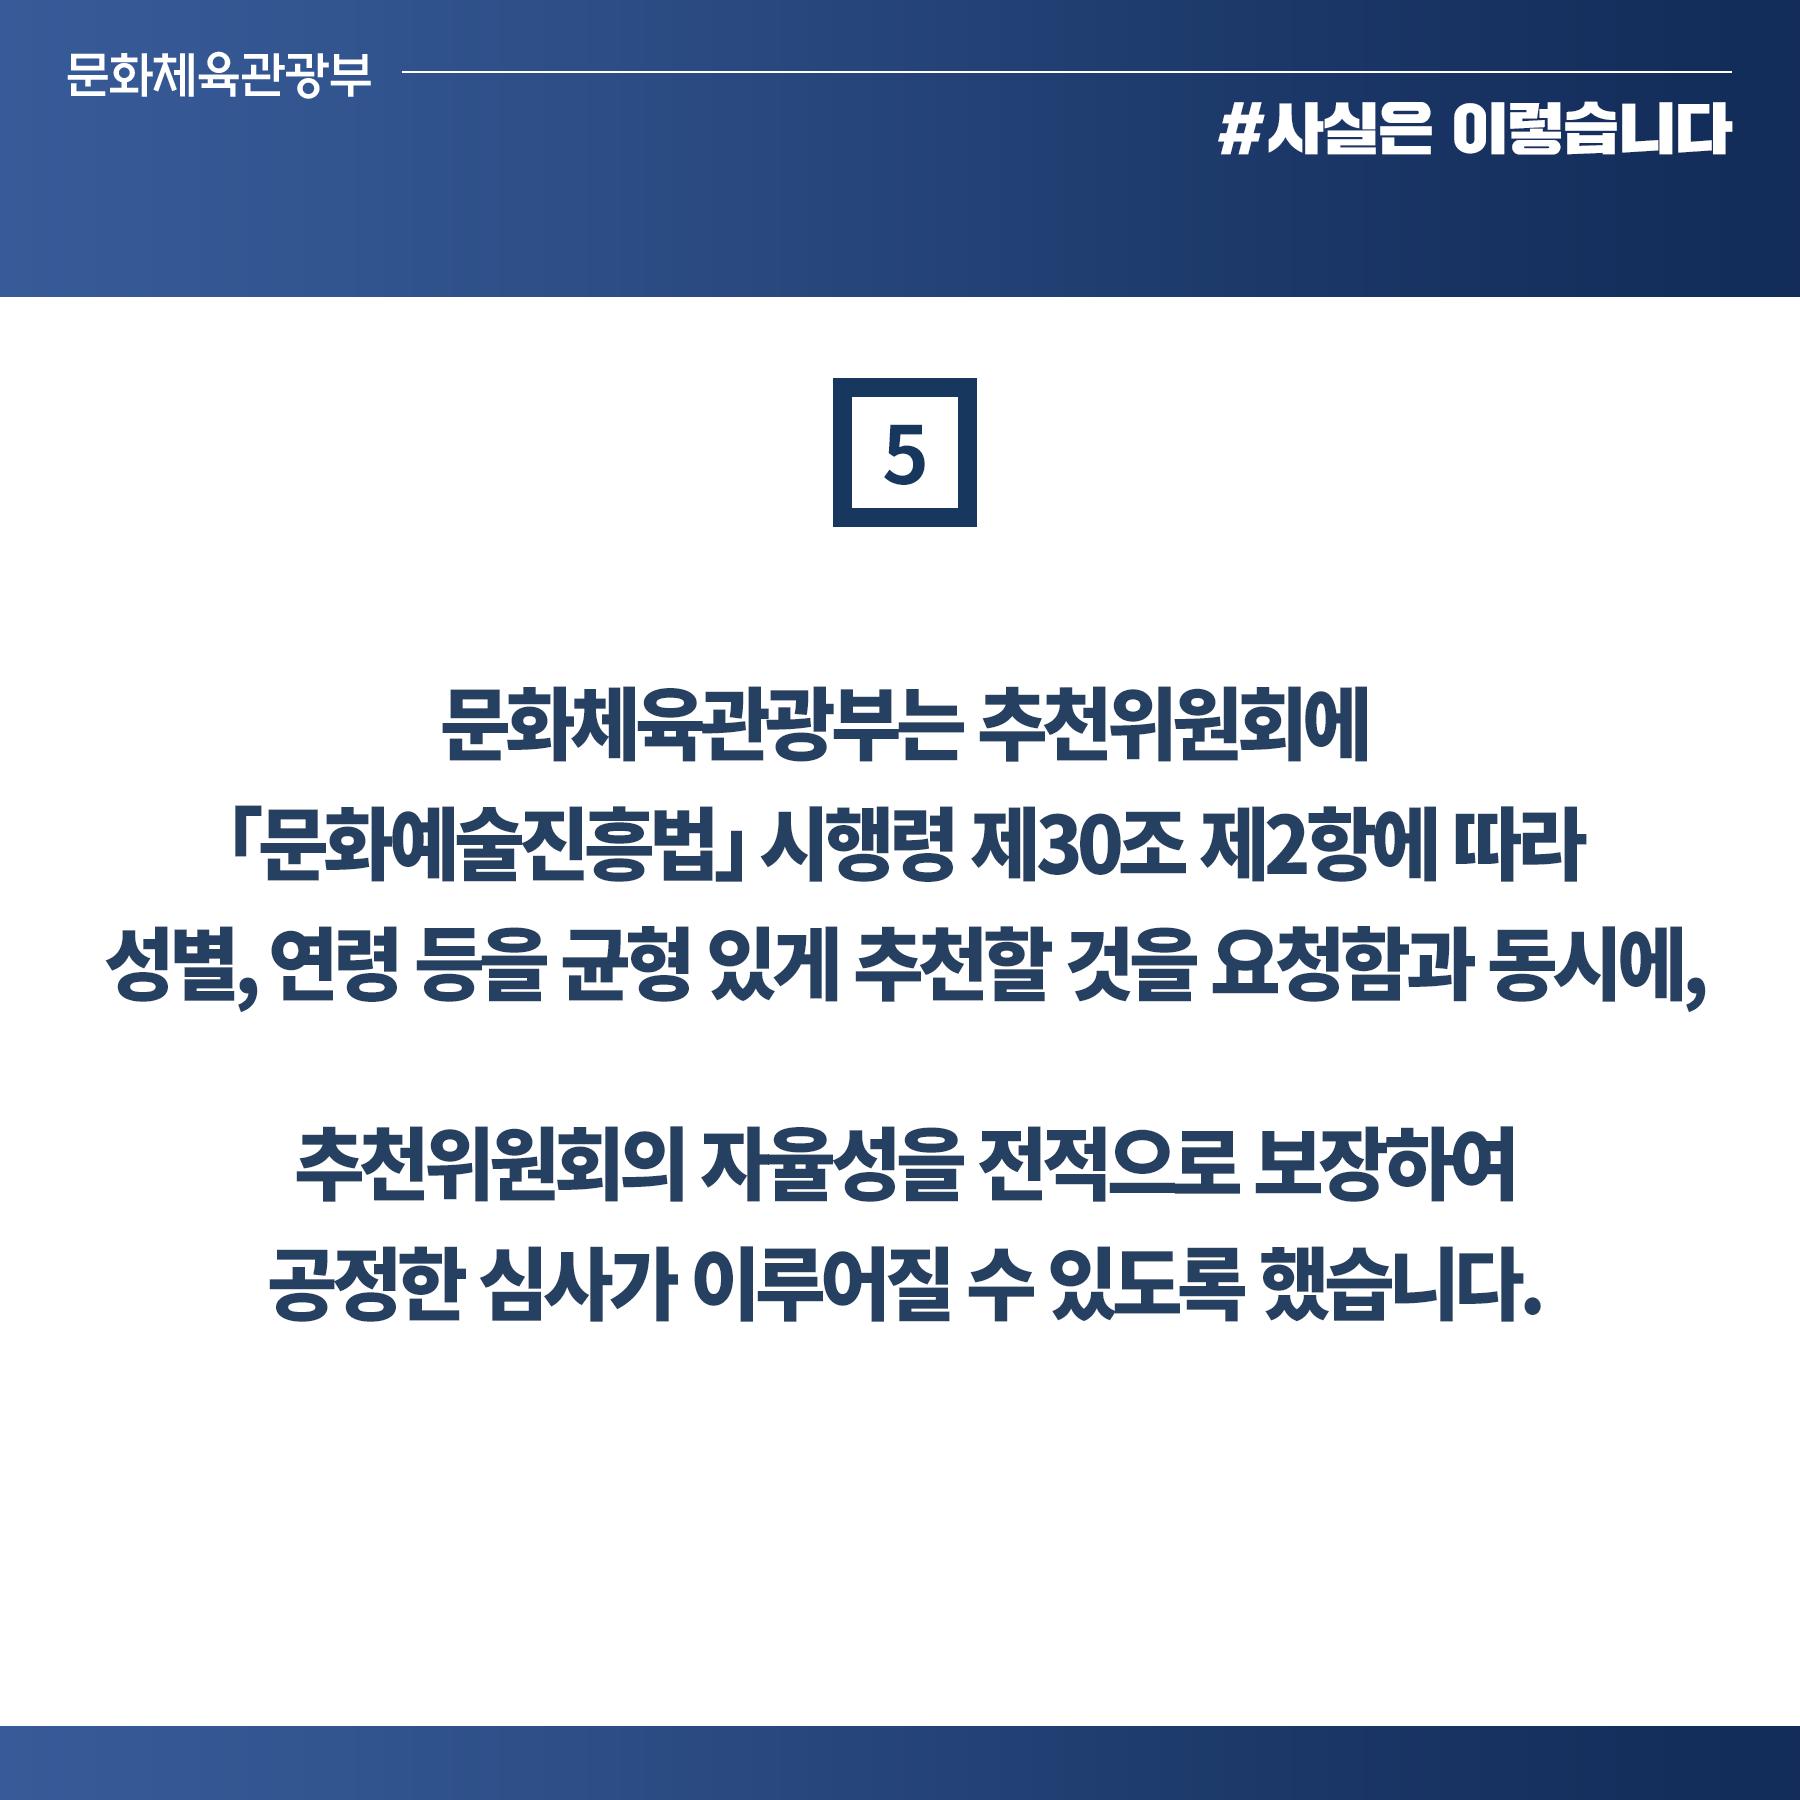 신임 예술위원 선임, 현장 의견 반영한 대안 검토 예정